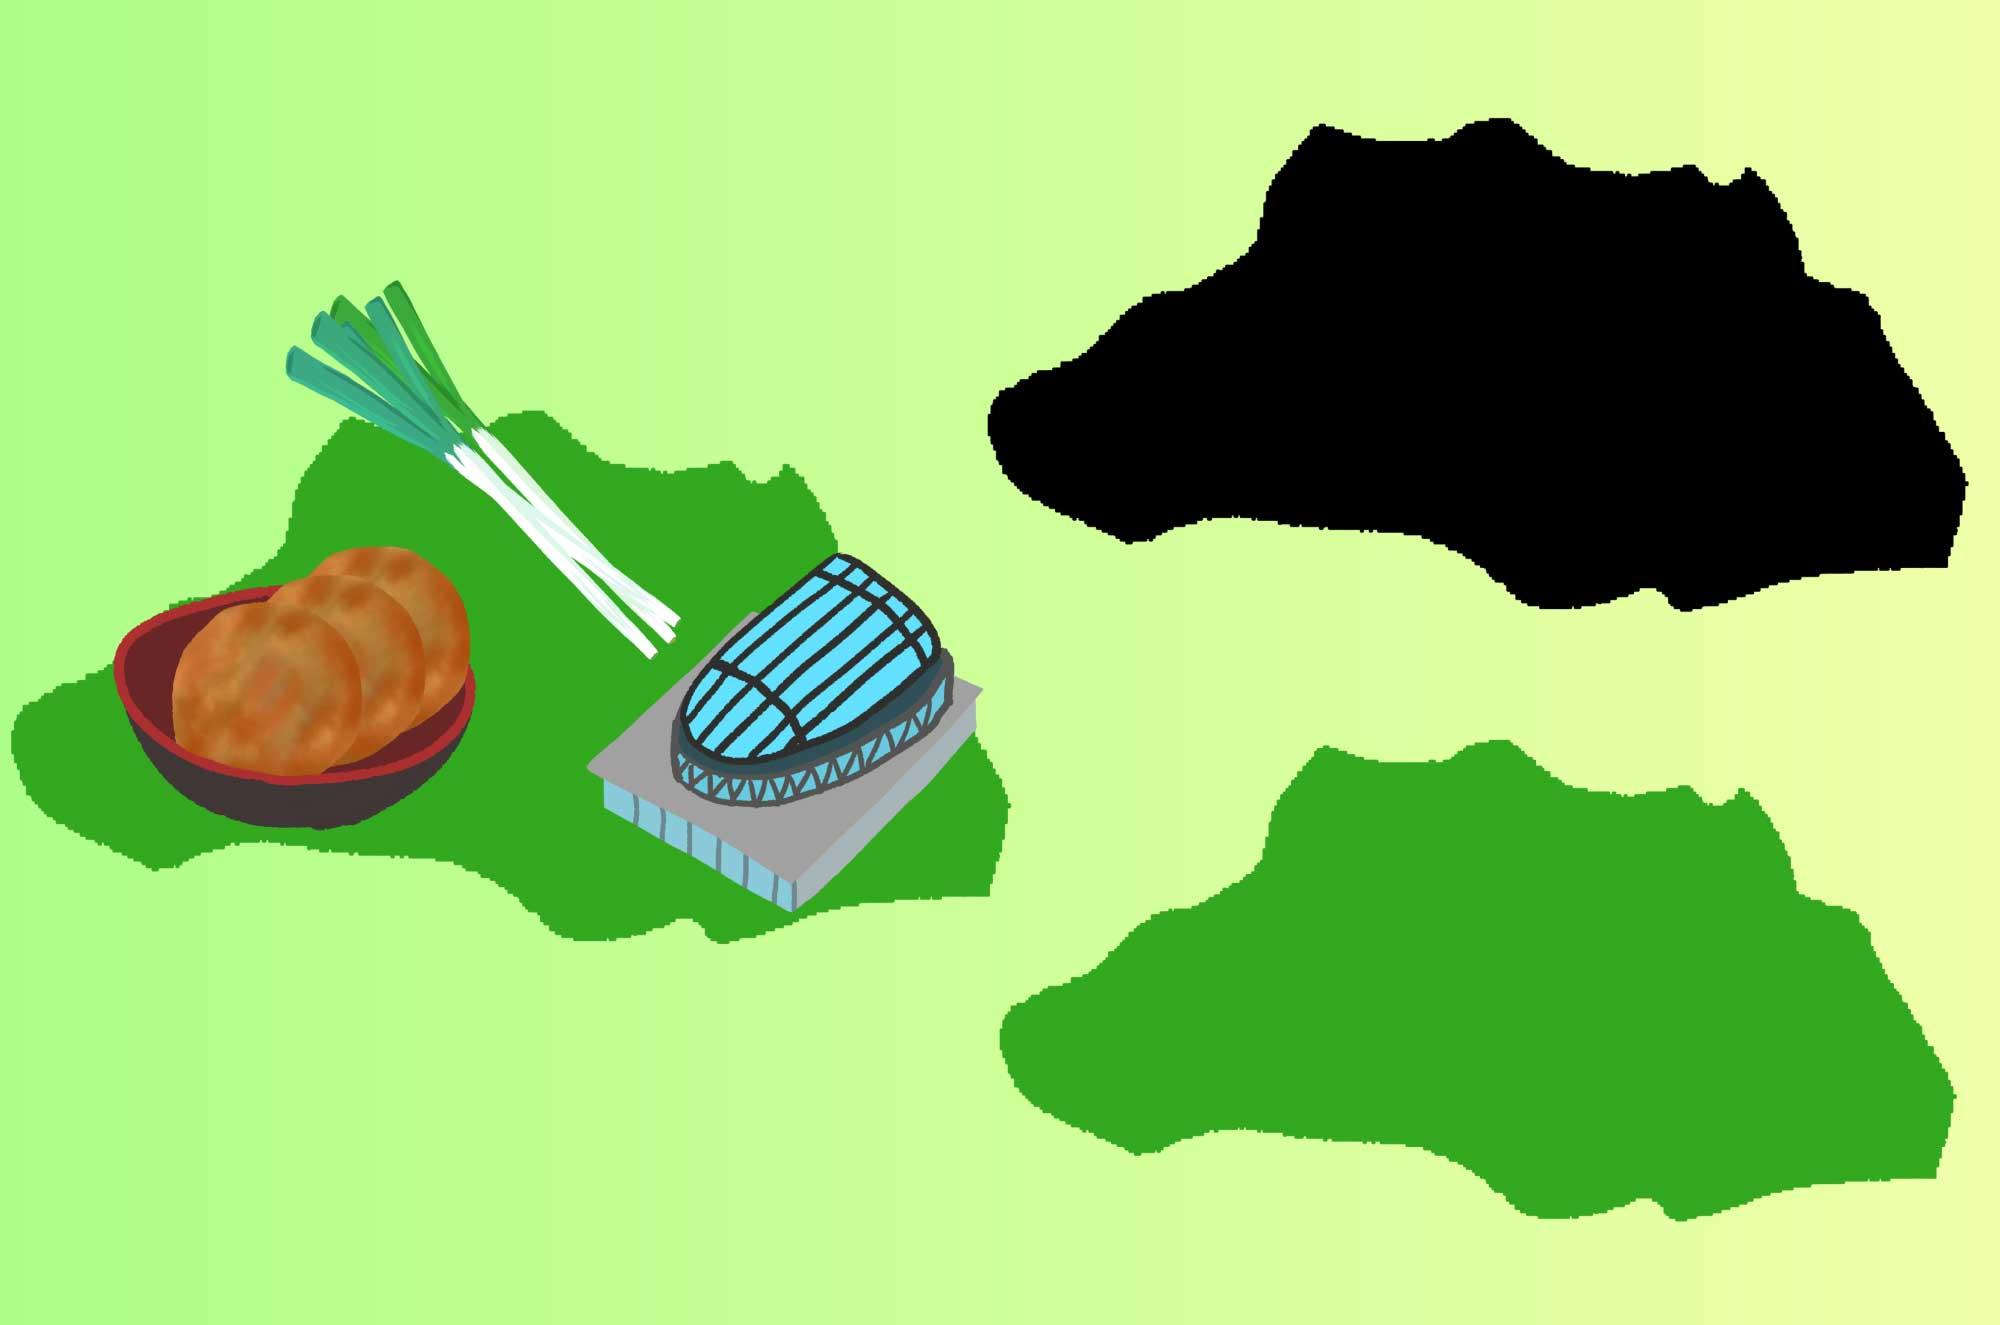 埼玉の無料イラスト - 大陸・地図のフリー素材